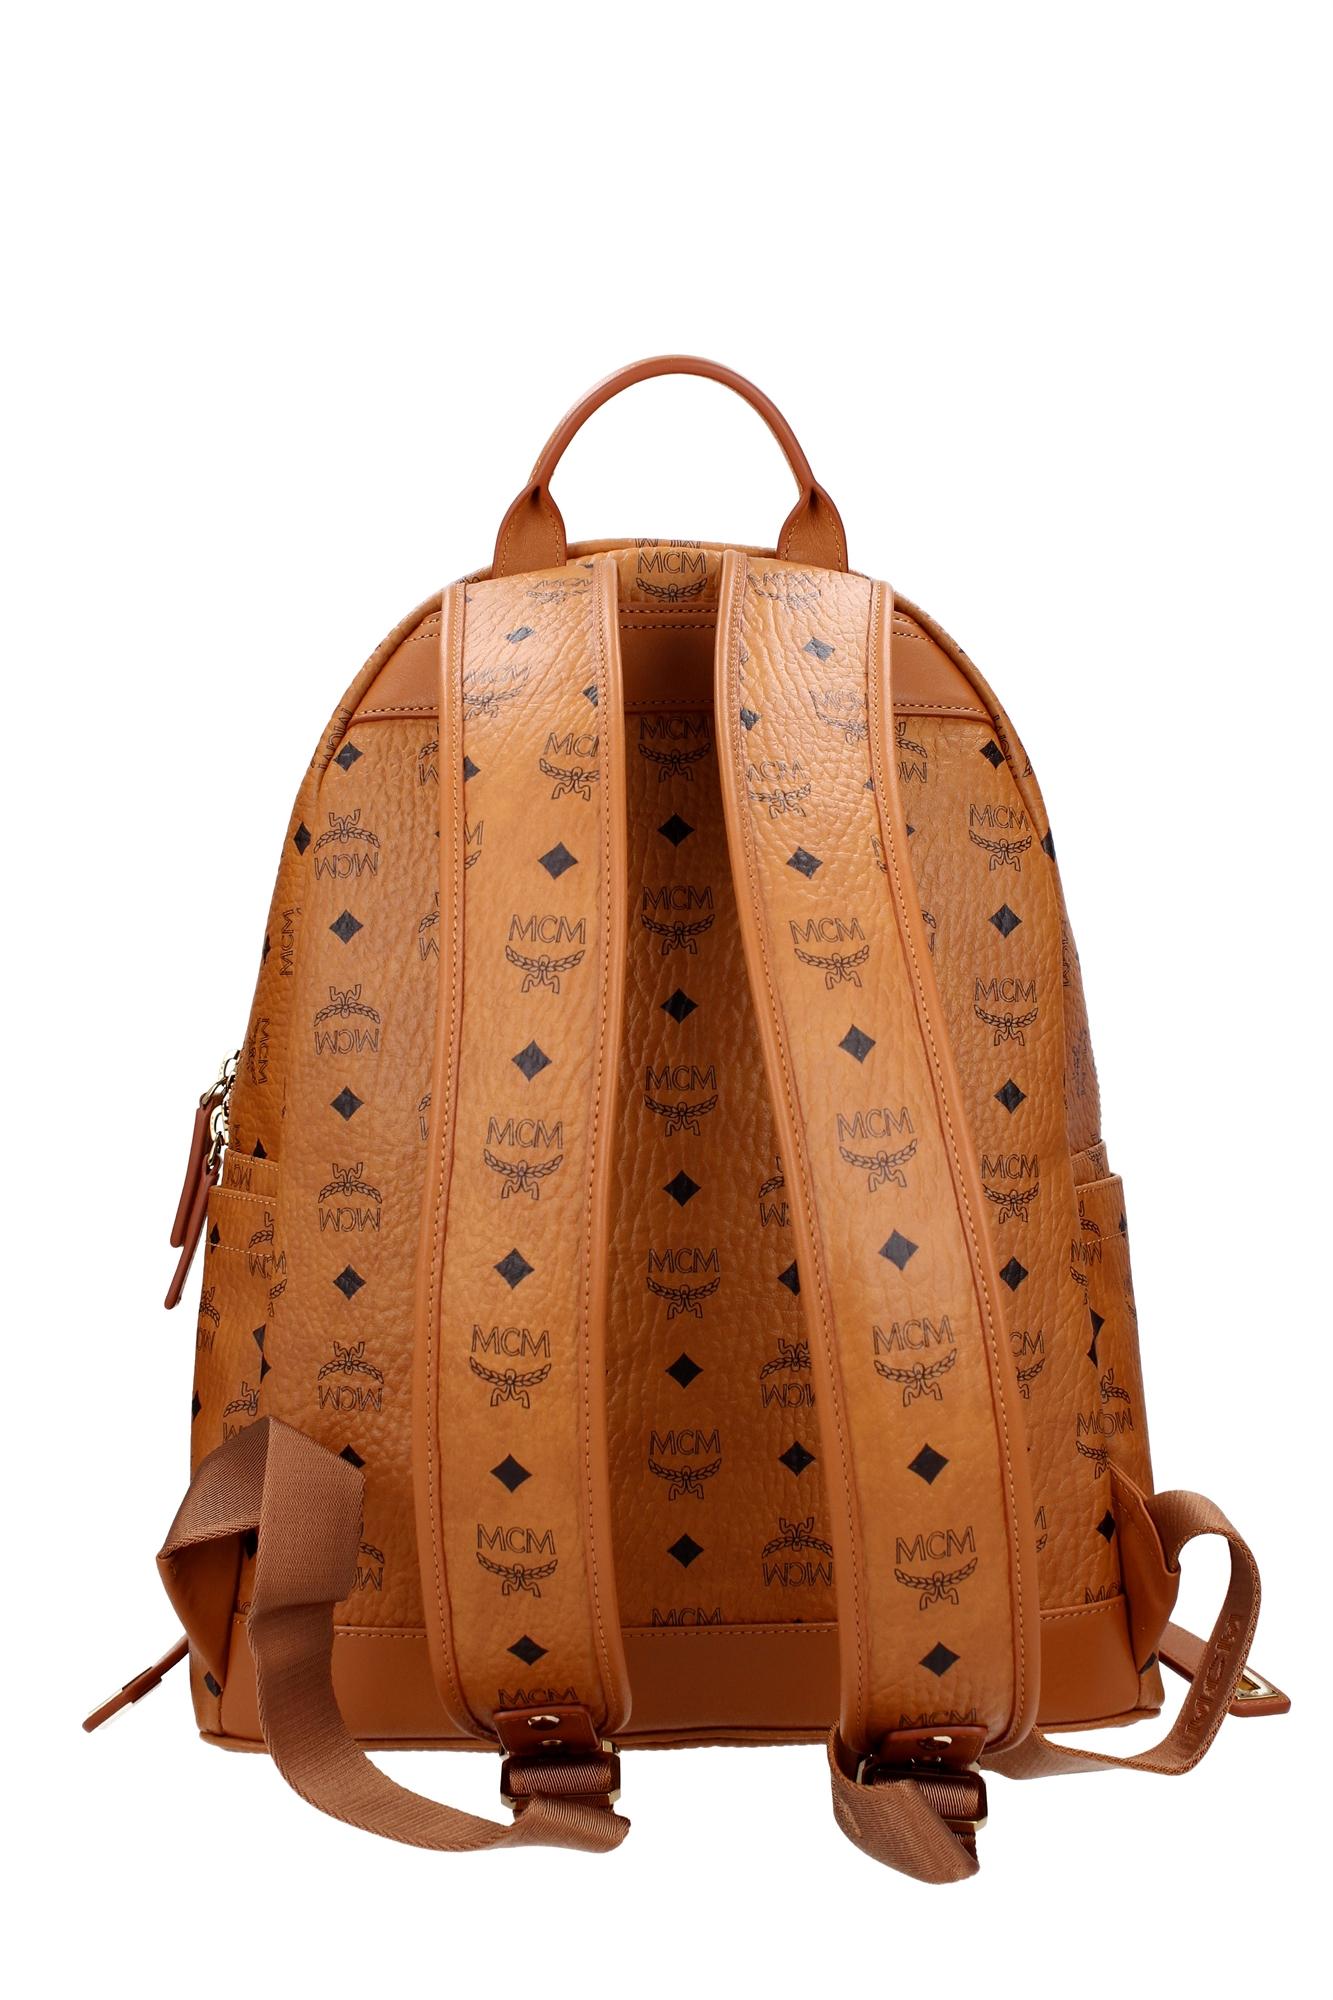 bags backpack mcm unisex polyurethane brown mmk6sve79c0001 ebay. Black Bedroom Furniture Sets. Home Design Ideas